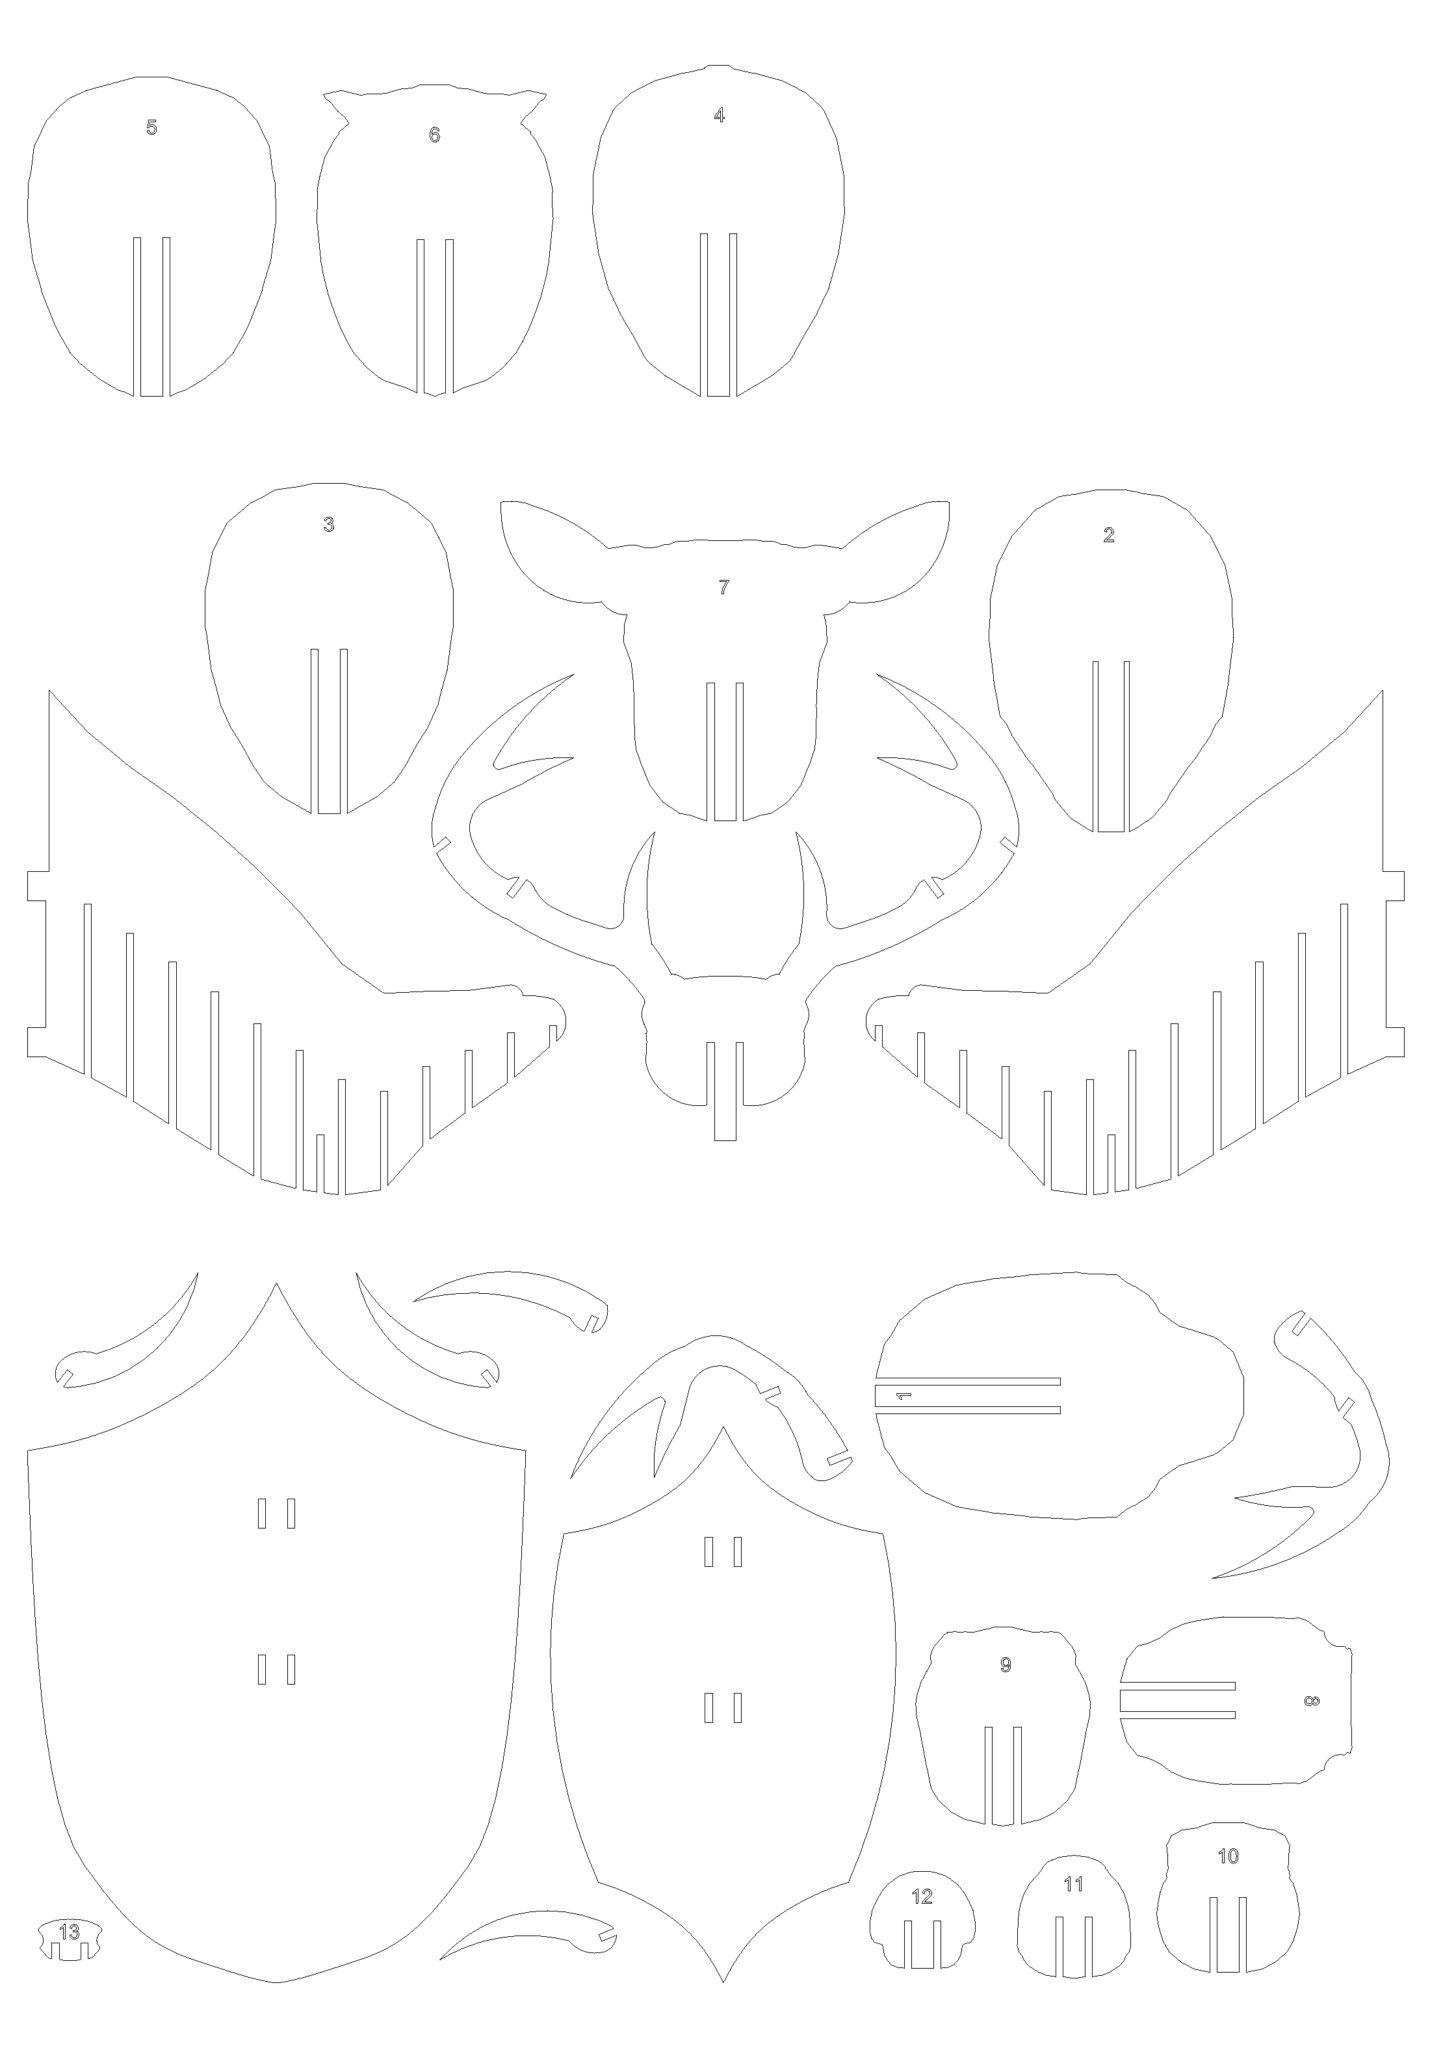 Схема с нумерацией деталей по порядку очередности при сборке